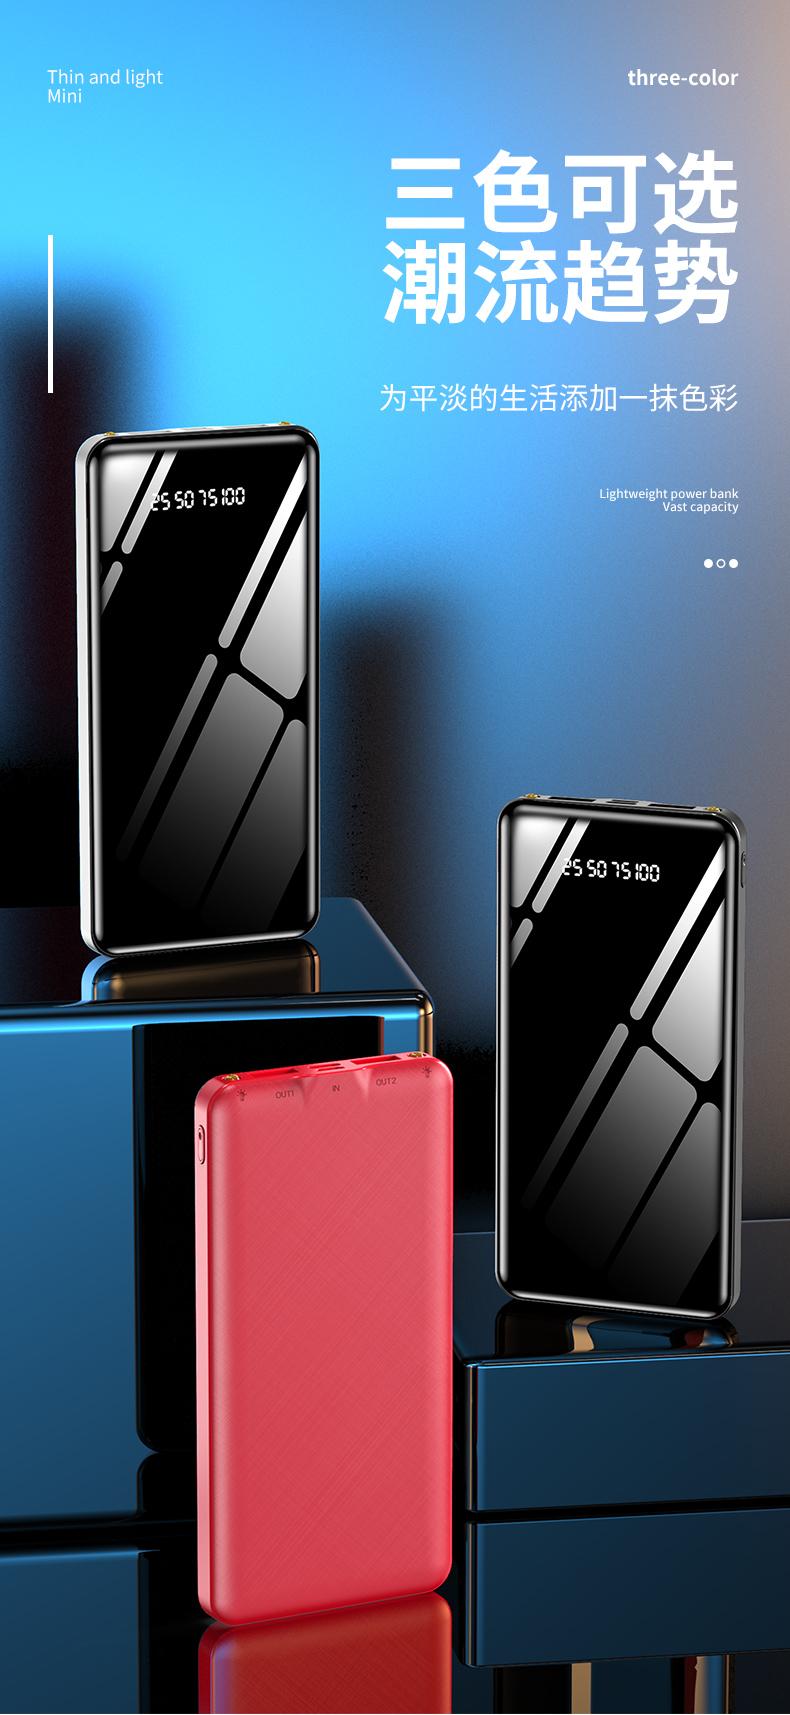 中國代購 中國批發-ibuy99 10000mah充电宝适用于苹果安卓智能任何手机平板通用快充移动电源